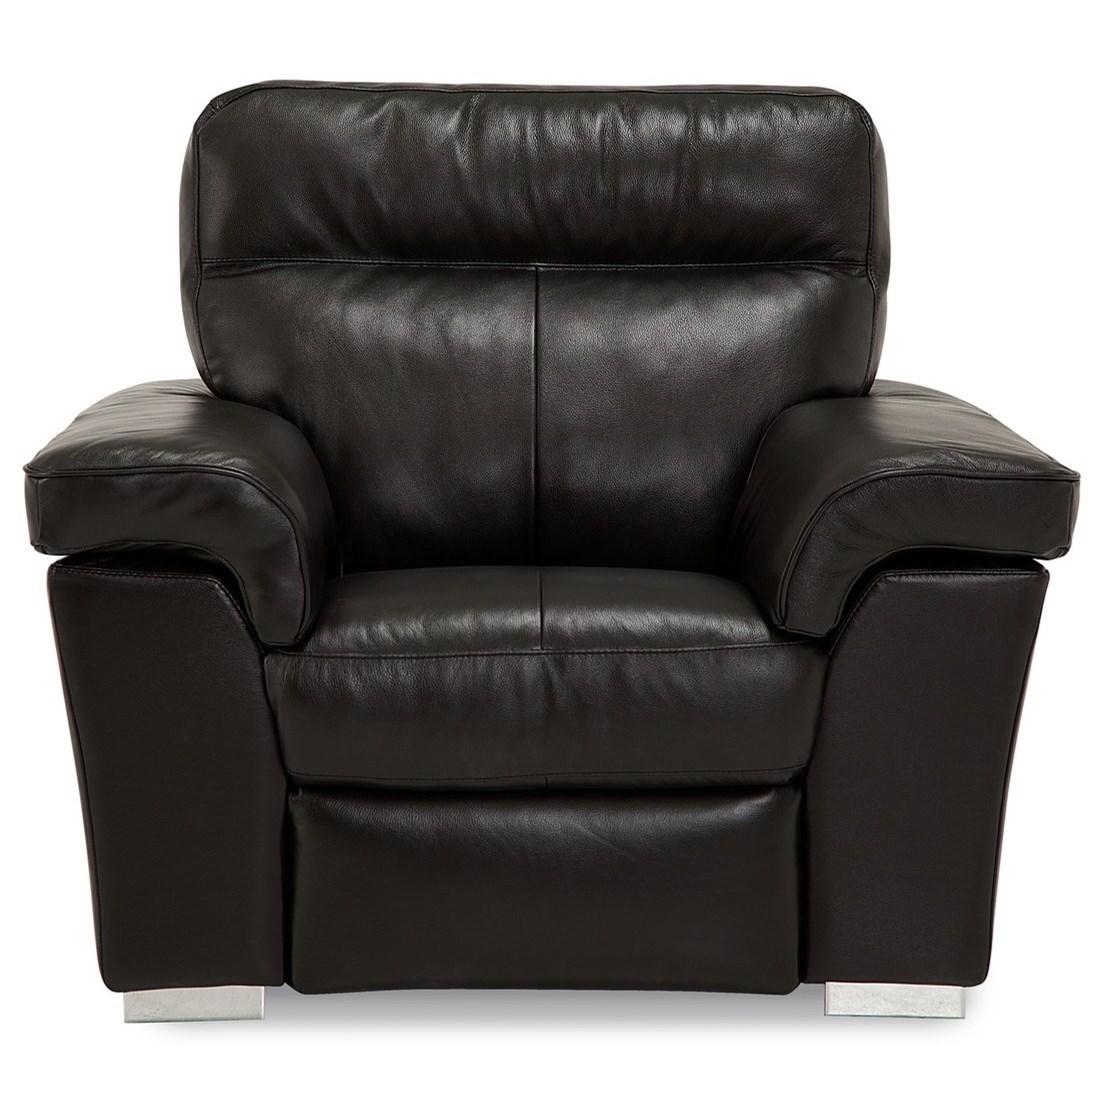 wall hugger recliner chair oversized wingback palliser alaska 41070 31 contemporary power reclining